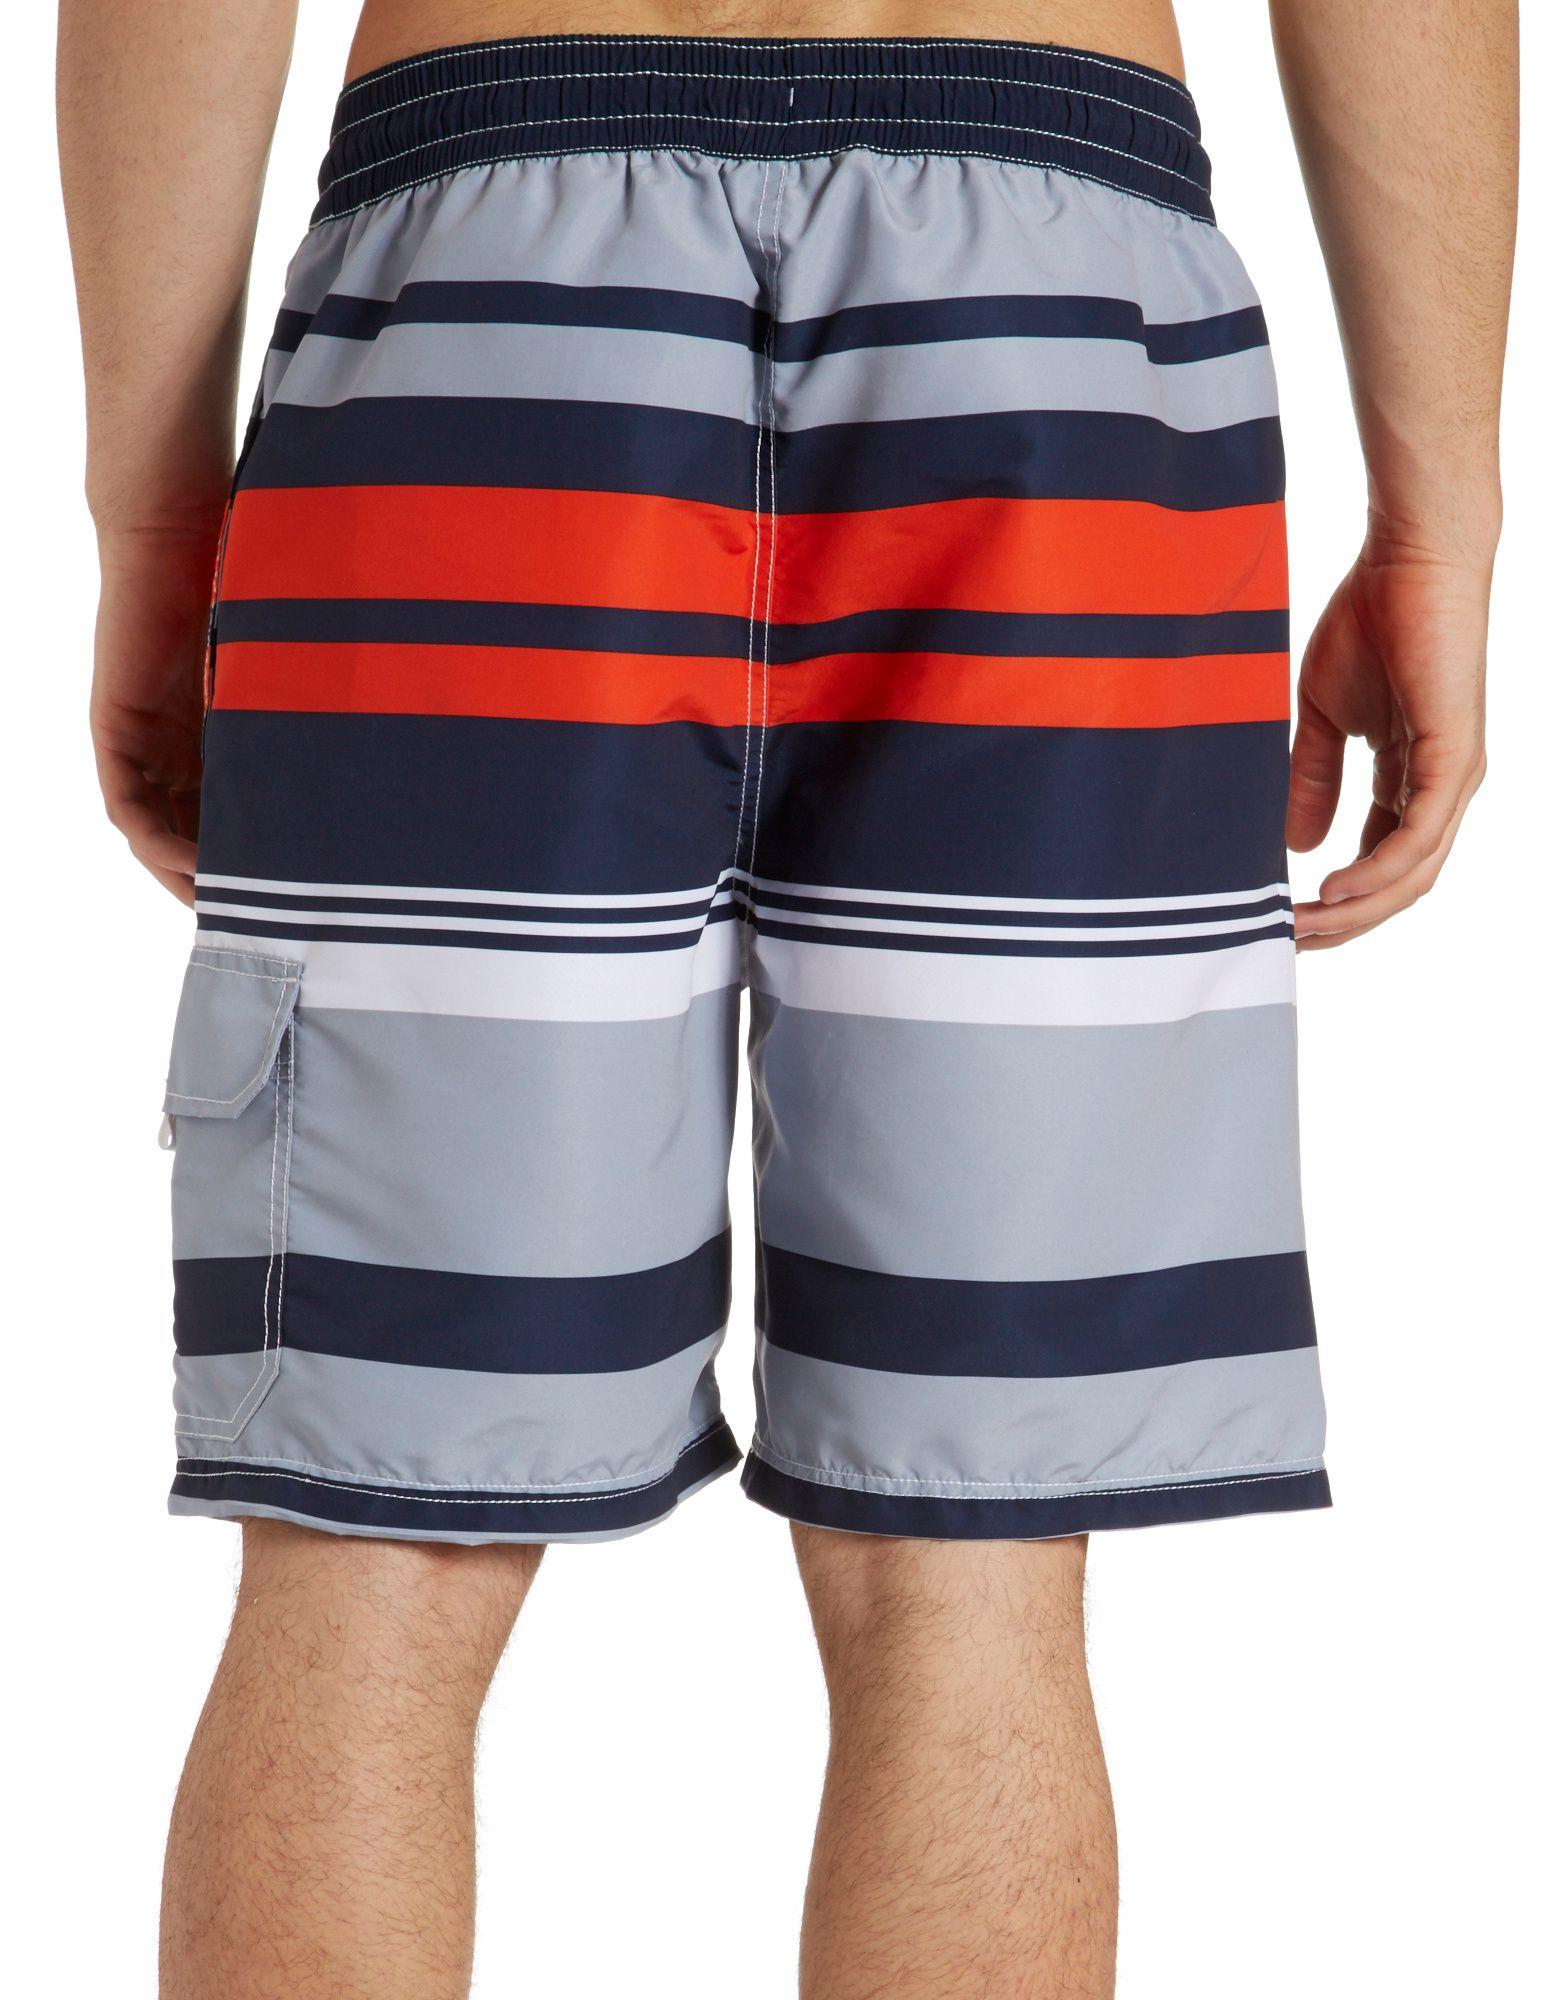 McKenzie Newstead 2 Shorts